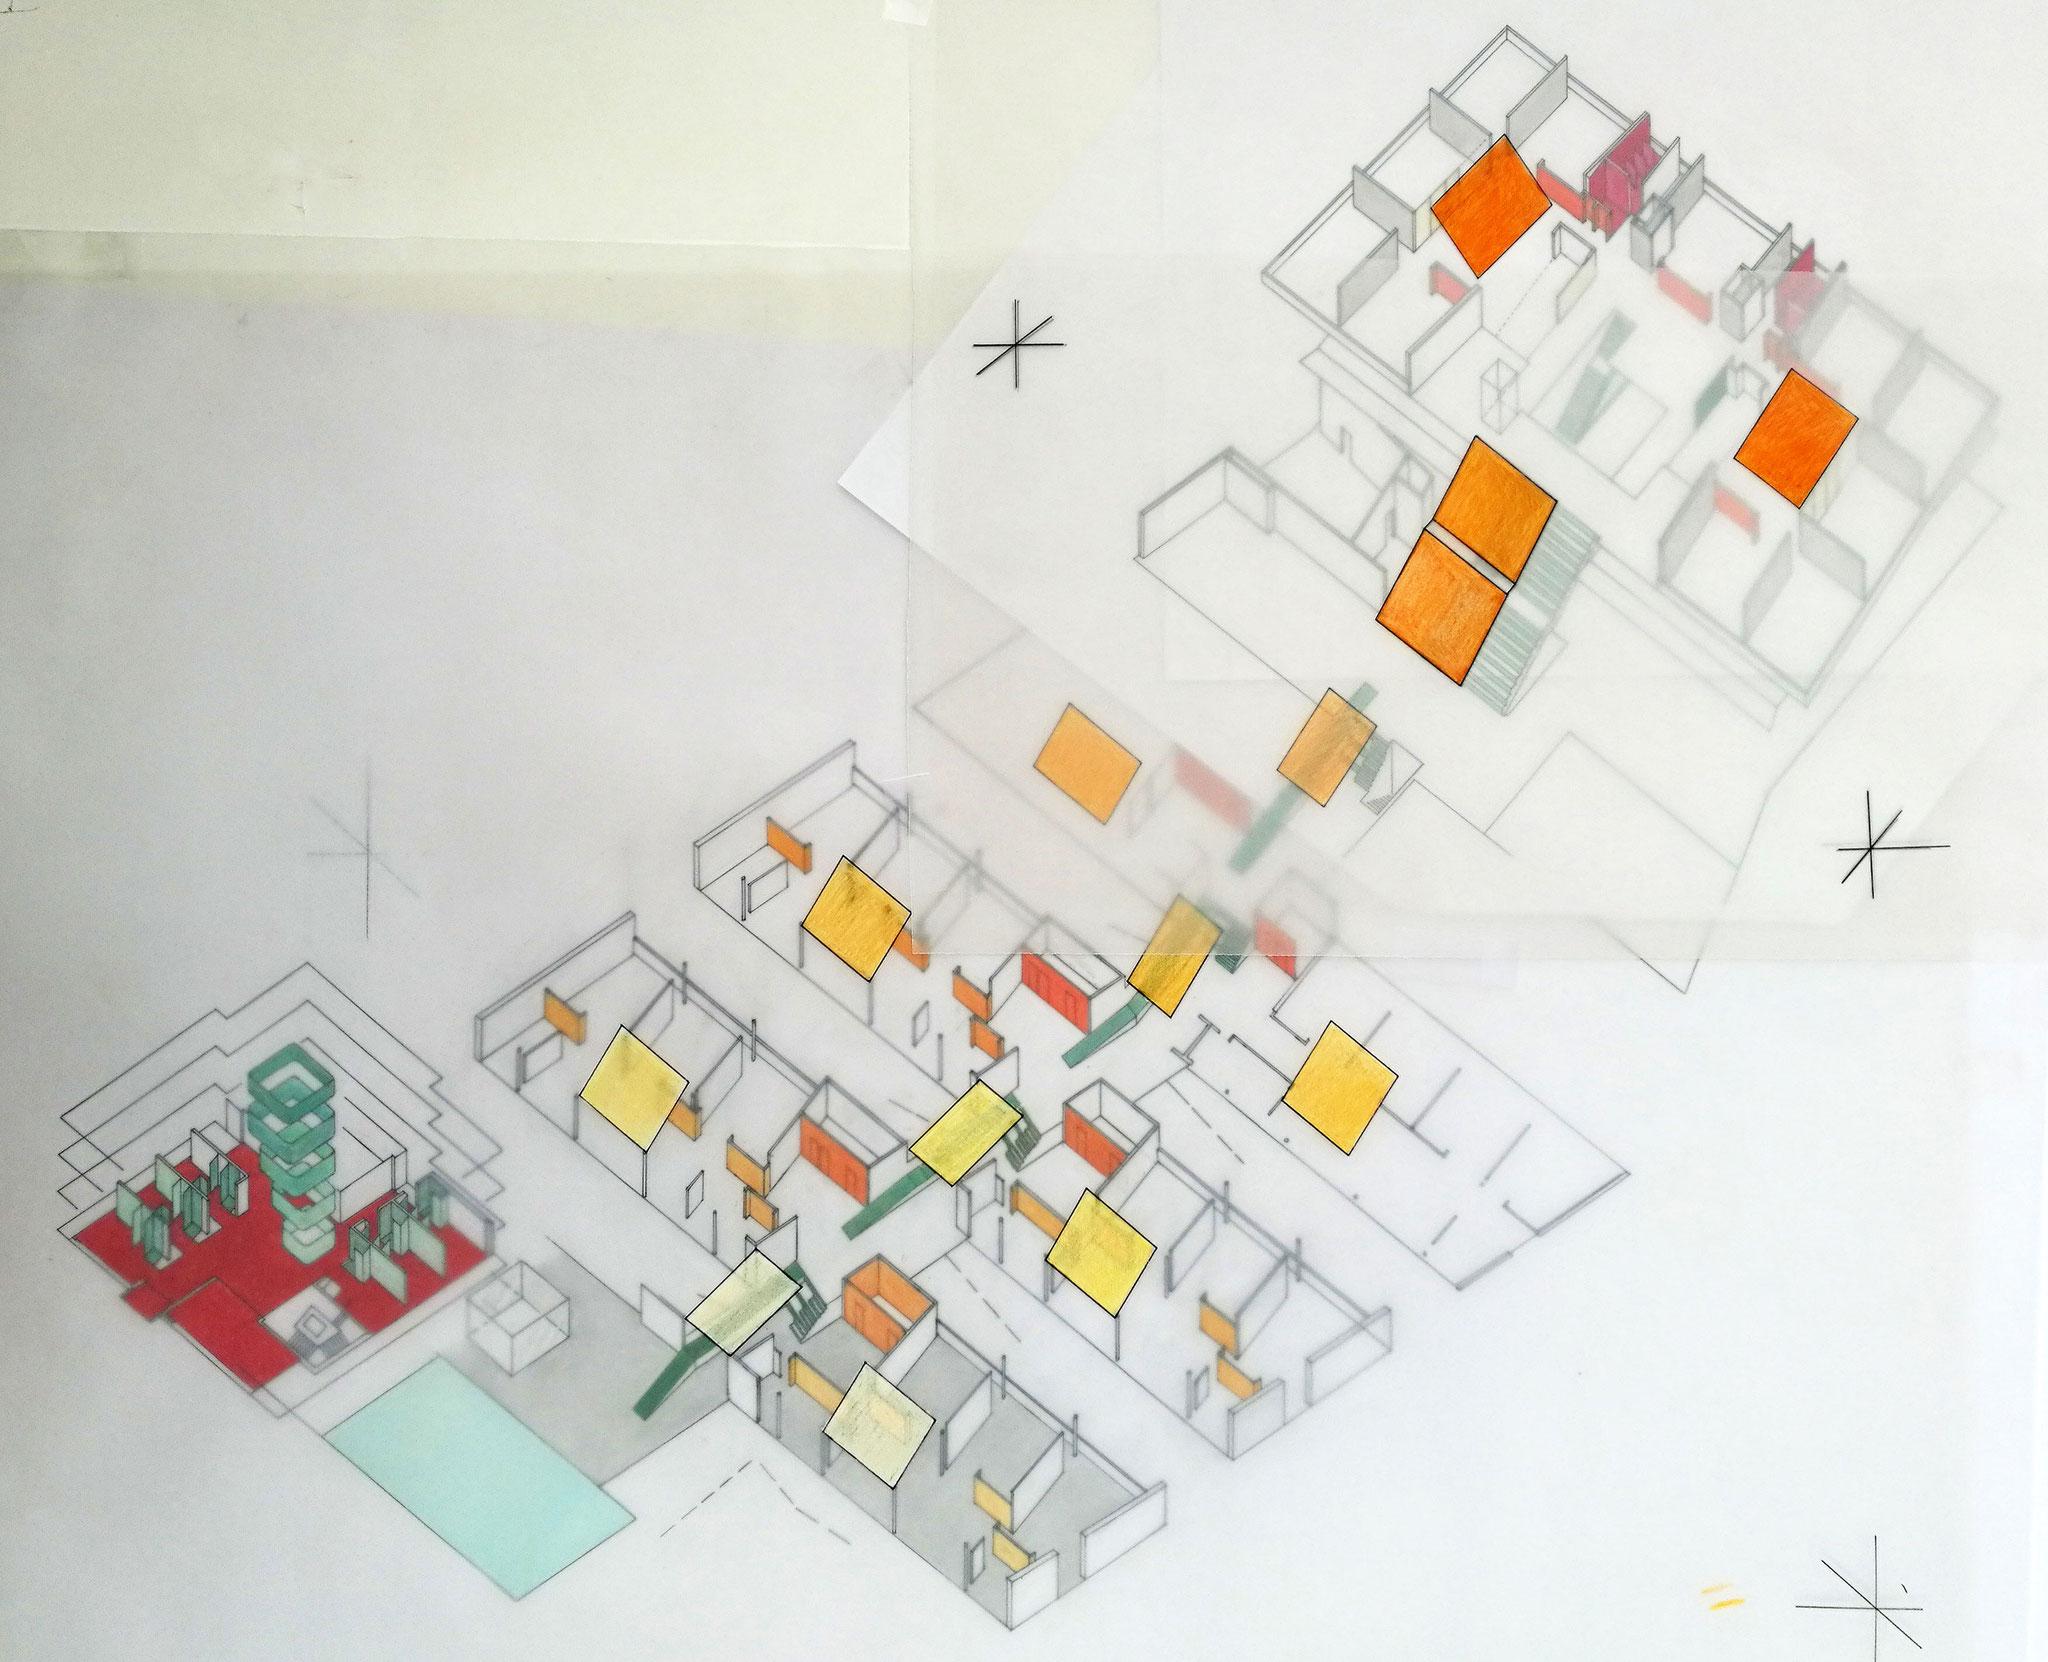 Cluster und Ski- Trainingszentrum, Volksschule, Wand- und Bodenfarben; Entwurf, Axonometrie